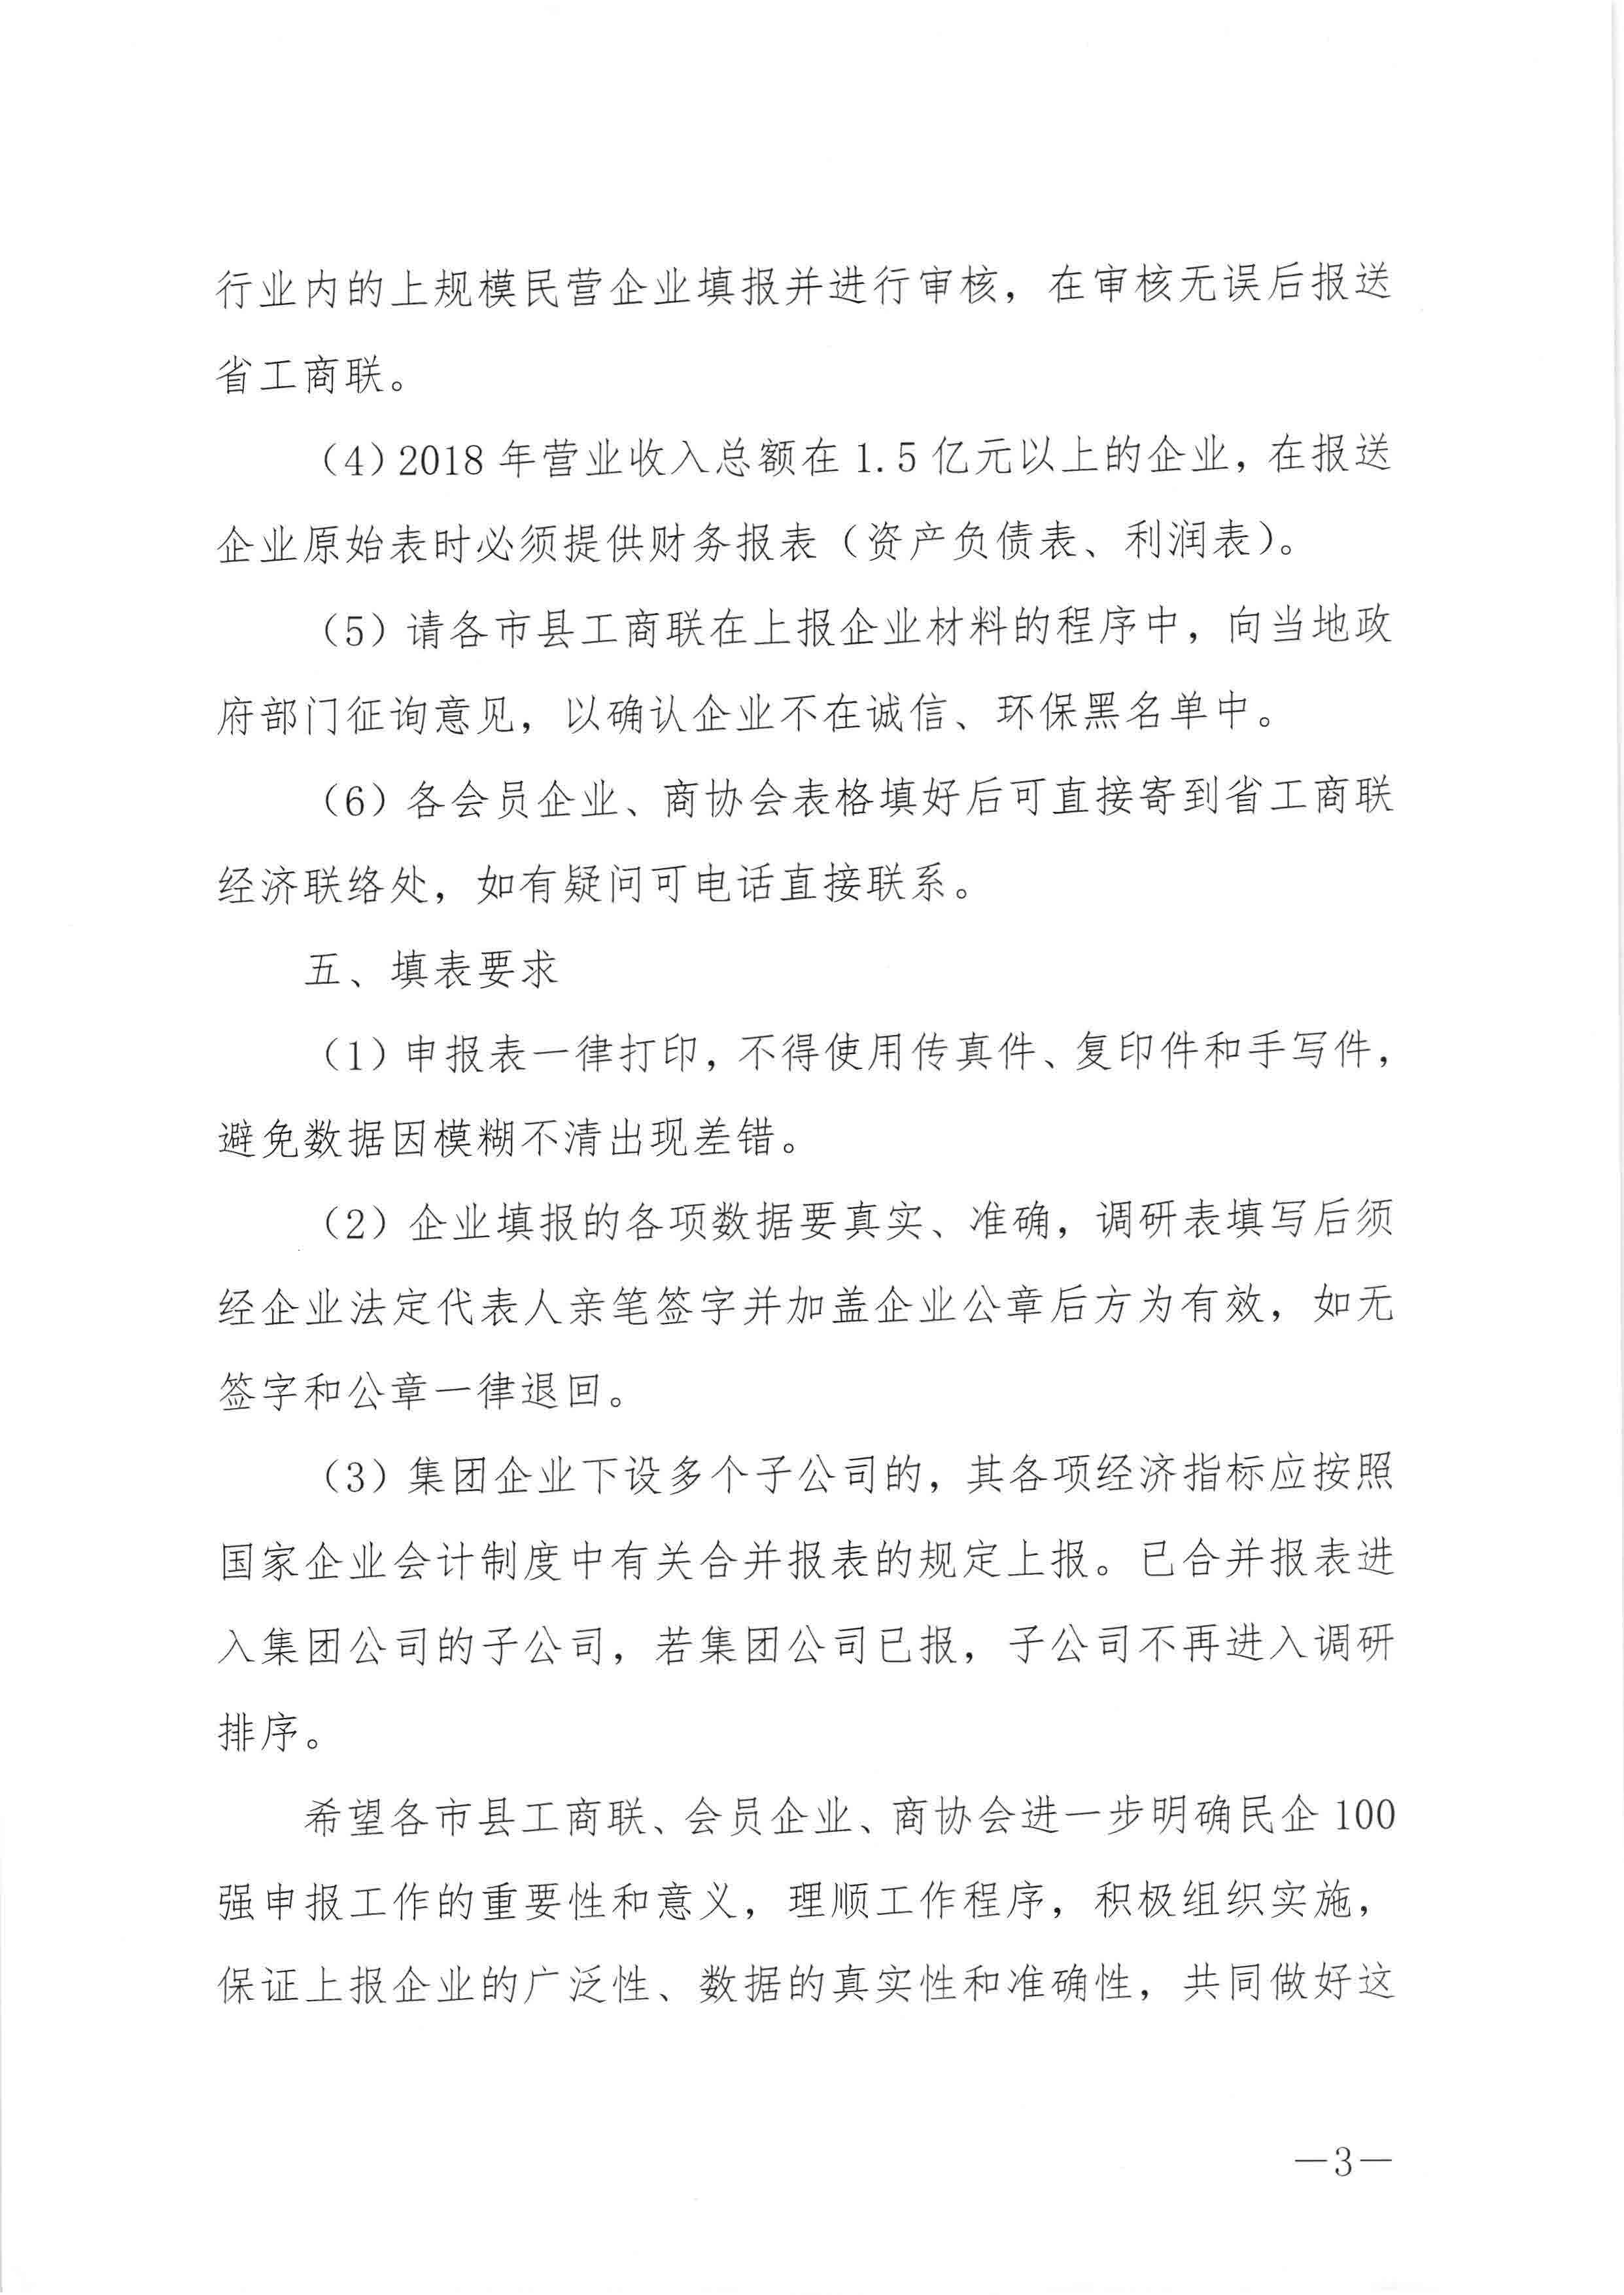 万博manbetx客戶端下载开展2019万博manbetx亚洲官网民营企业100强申报工作的通知_页面_3